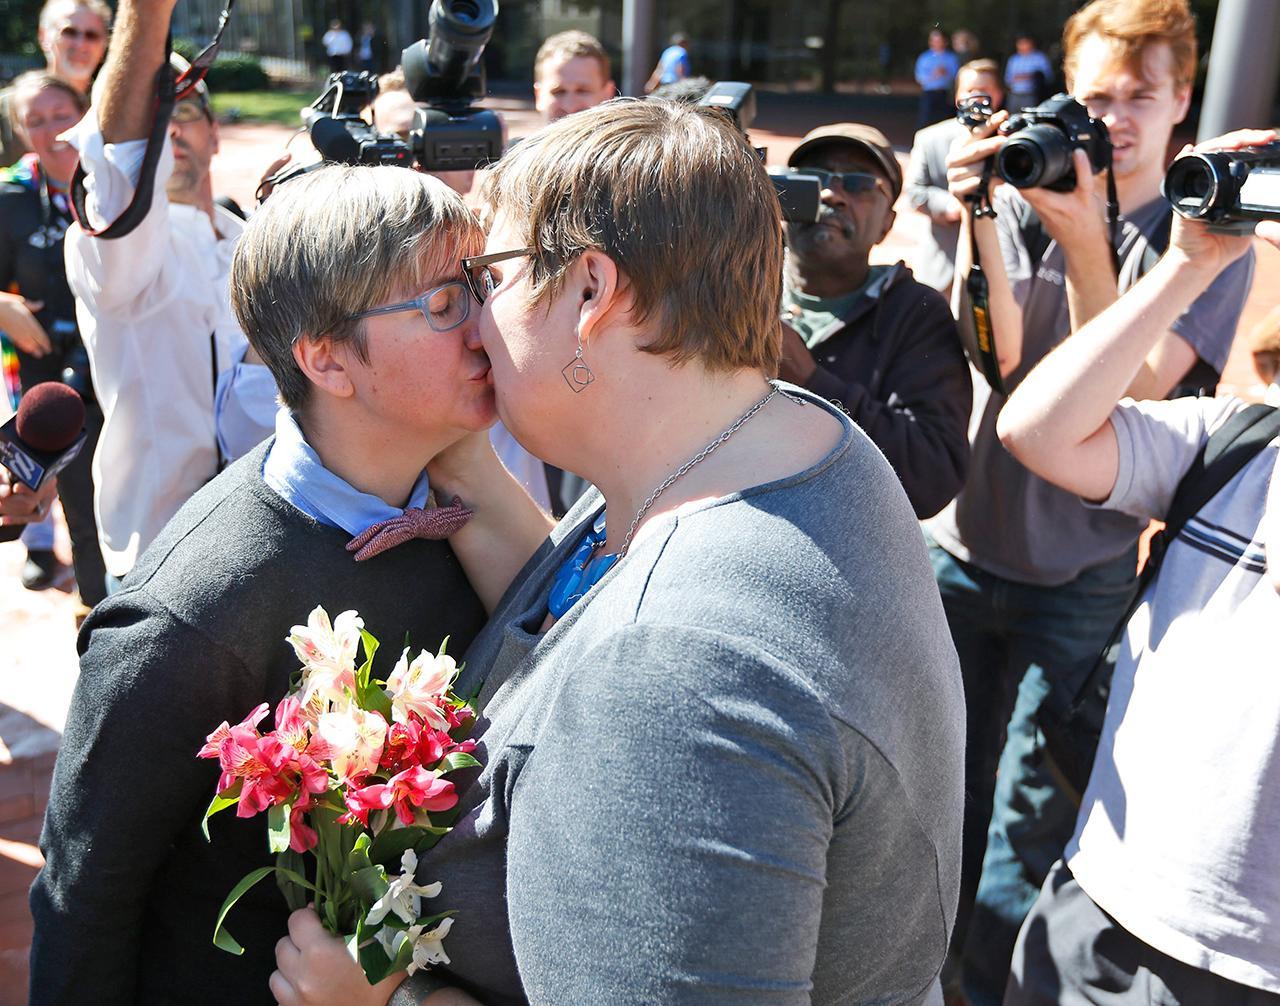 นิโคล พรายส์ และลินด์เซย์ โอลิเวอร์ จุมพิตระหว่างการฉลองที่ทั้งคู่เป็นคนรักร่วมเพศคู่แรกๆ ในรัฐเวอร์จิเนียที่แต่งงานกัน